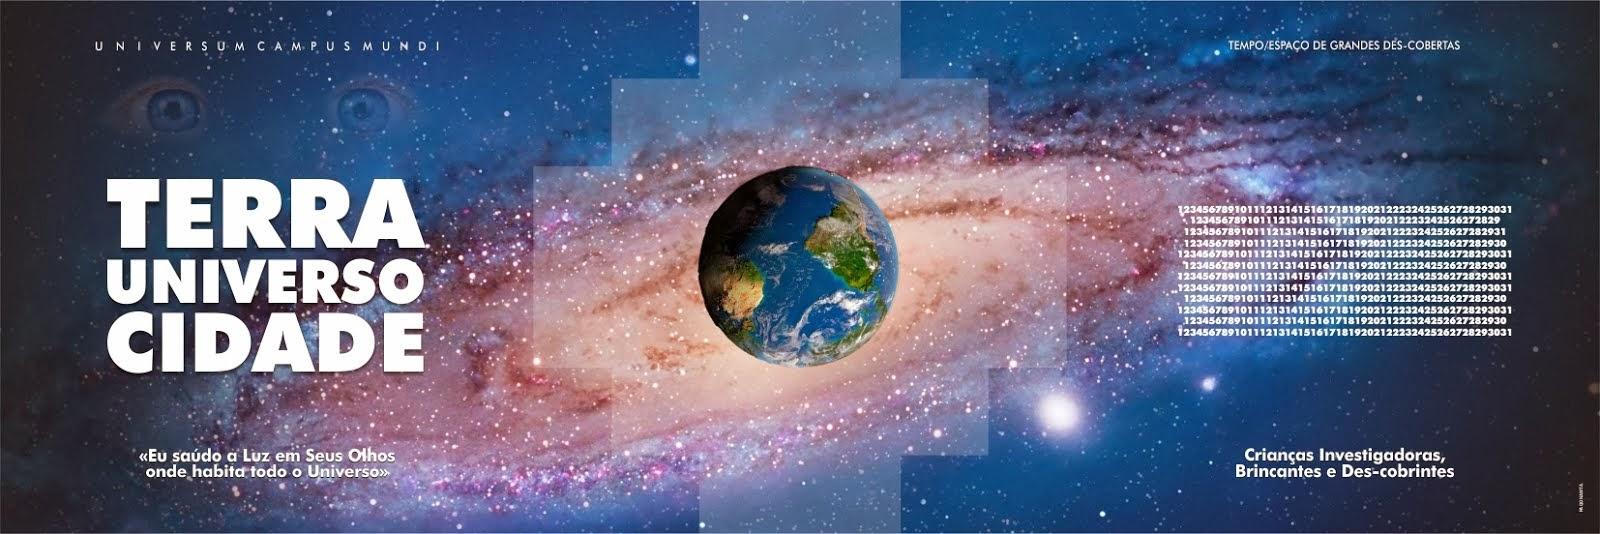 Terra Universo Cidade